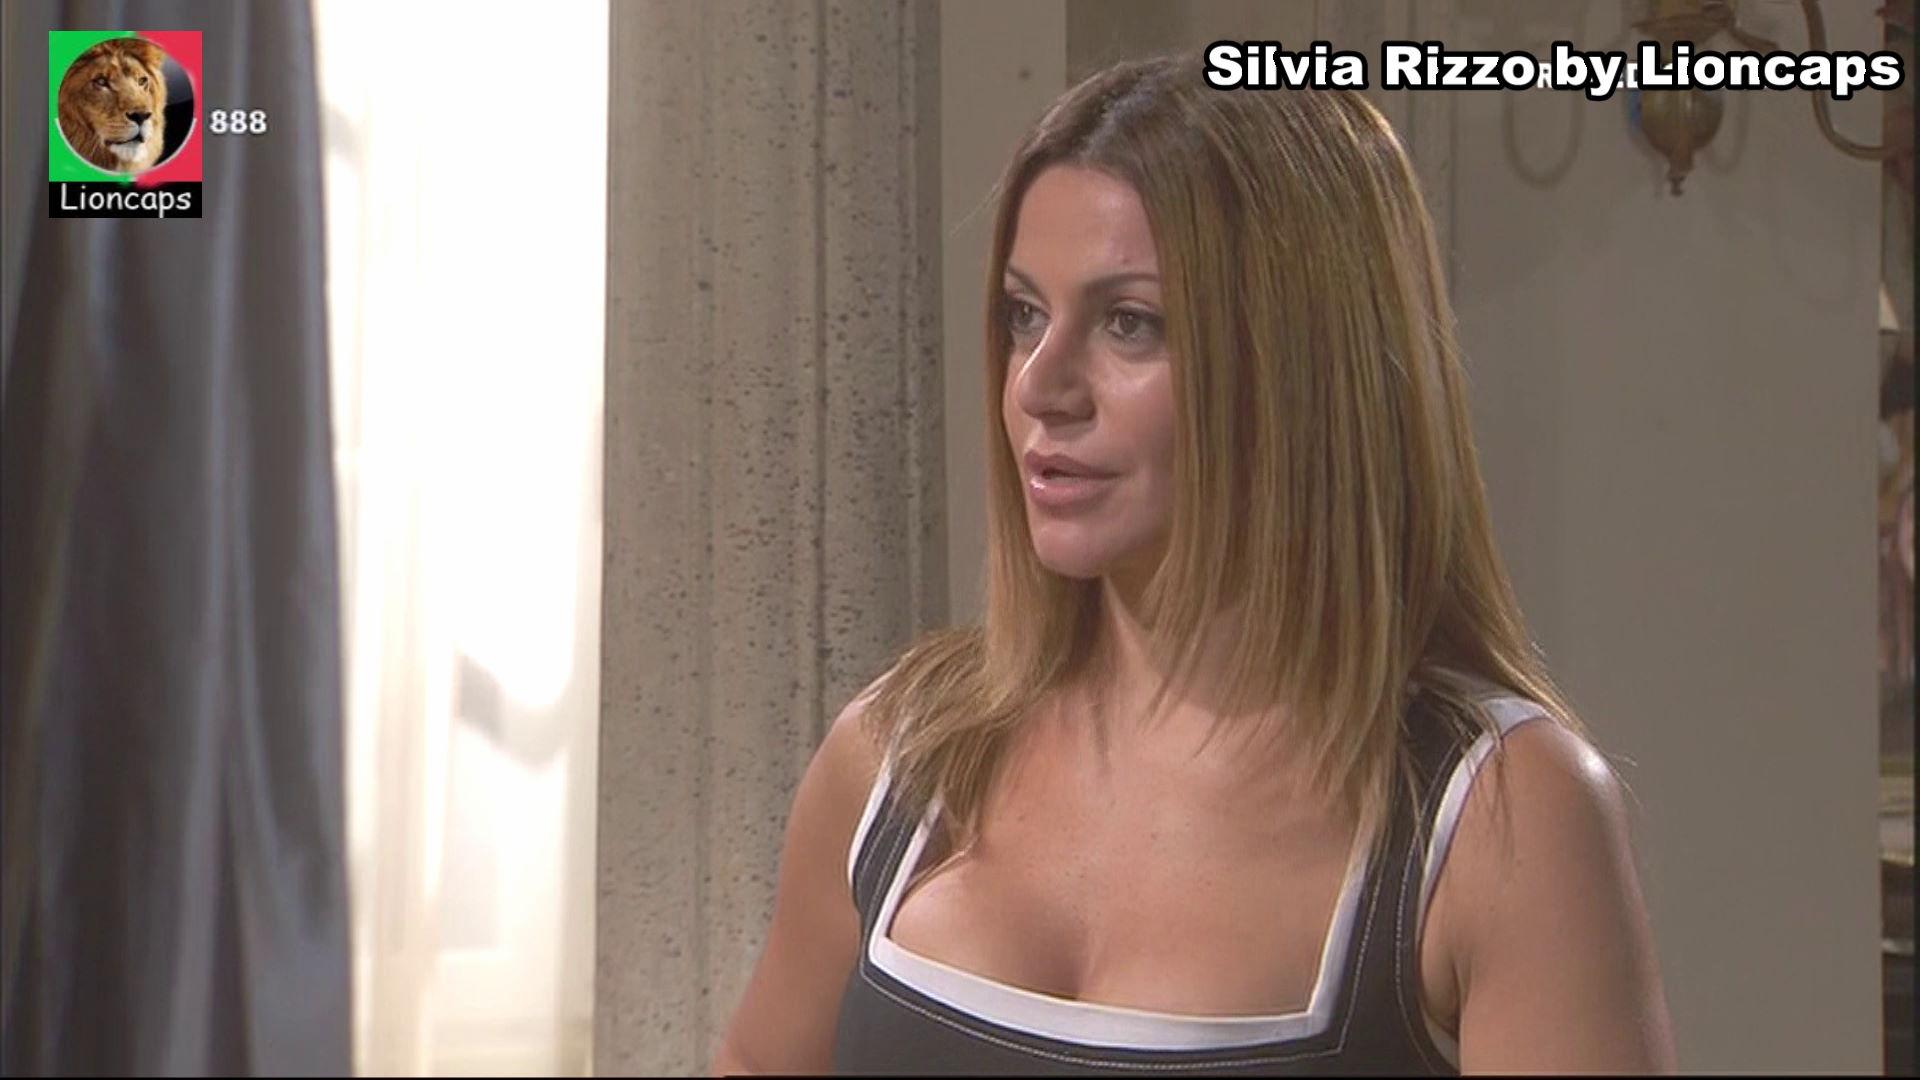 739521358_silvia_rizzo_remedio_vs190113_18211_122_2lo.JPG